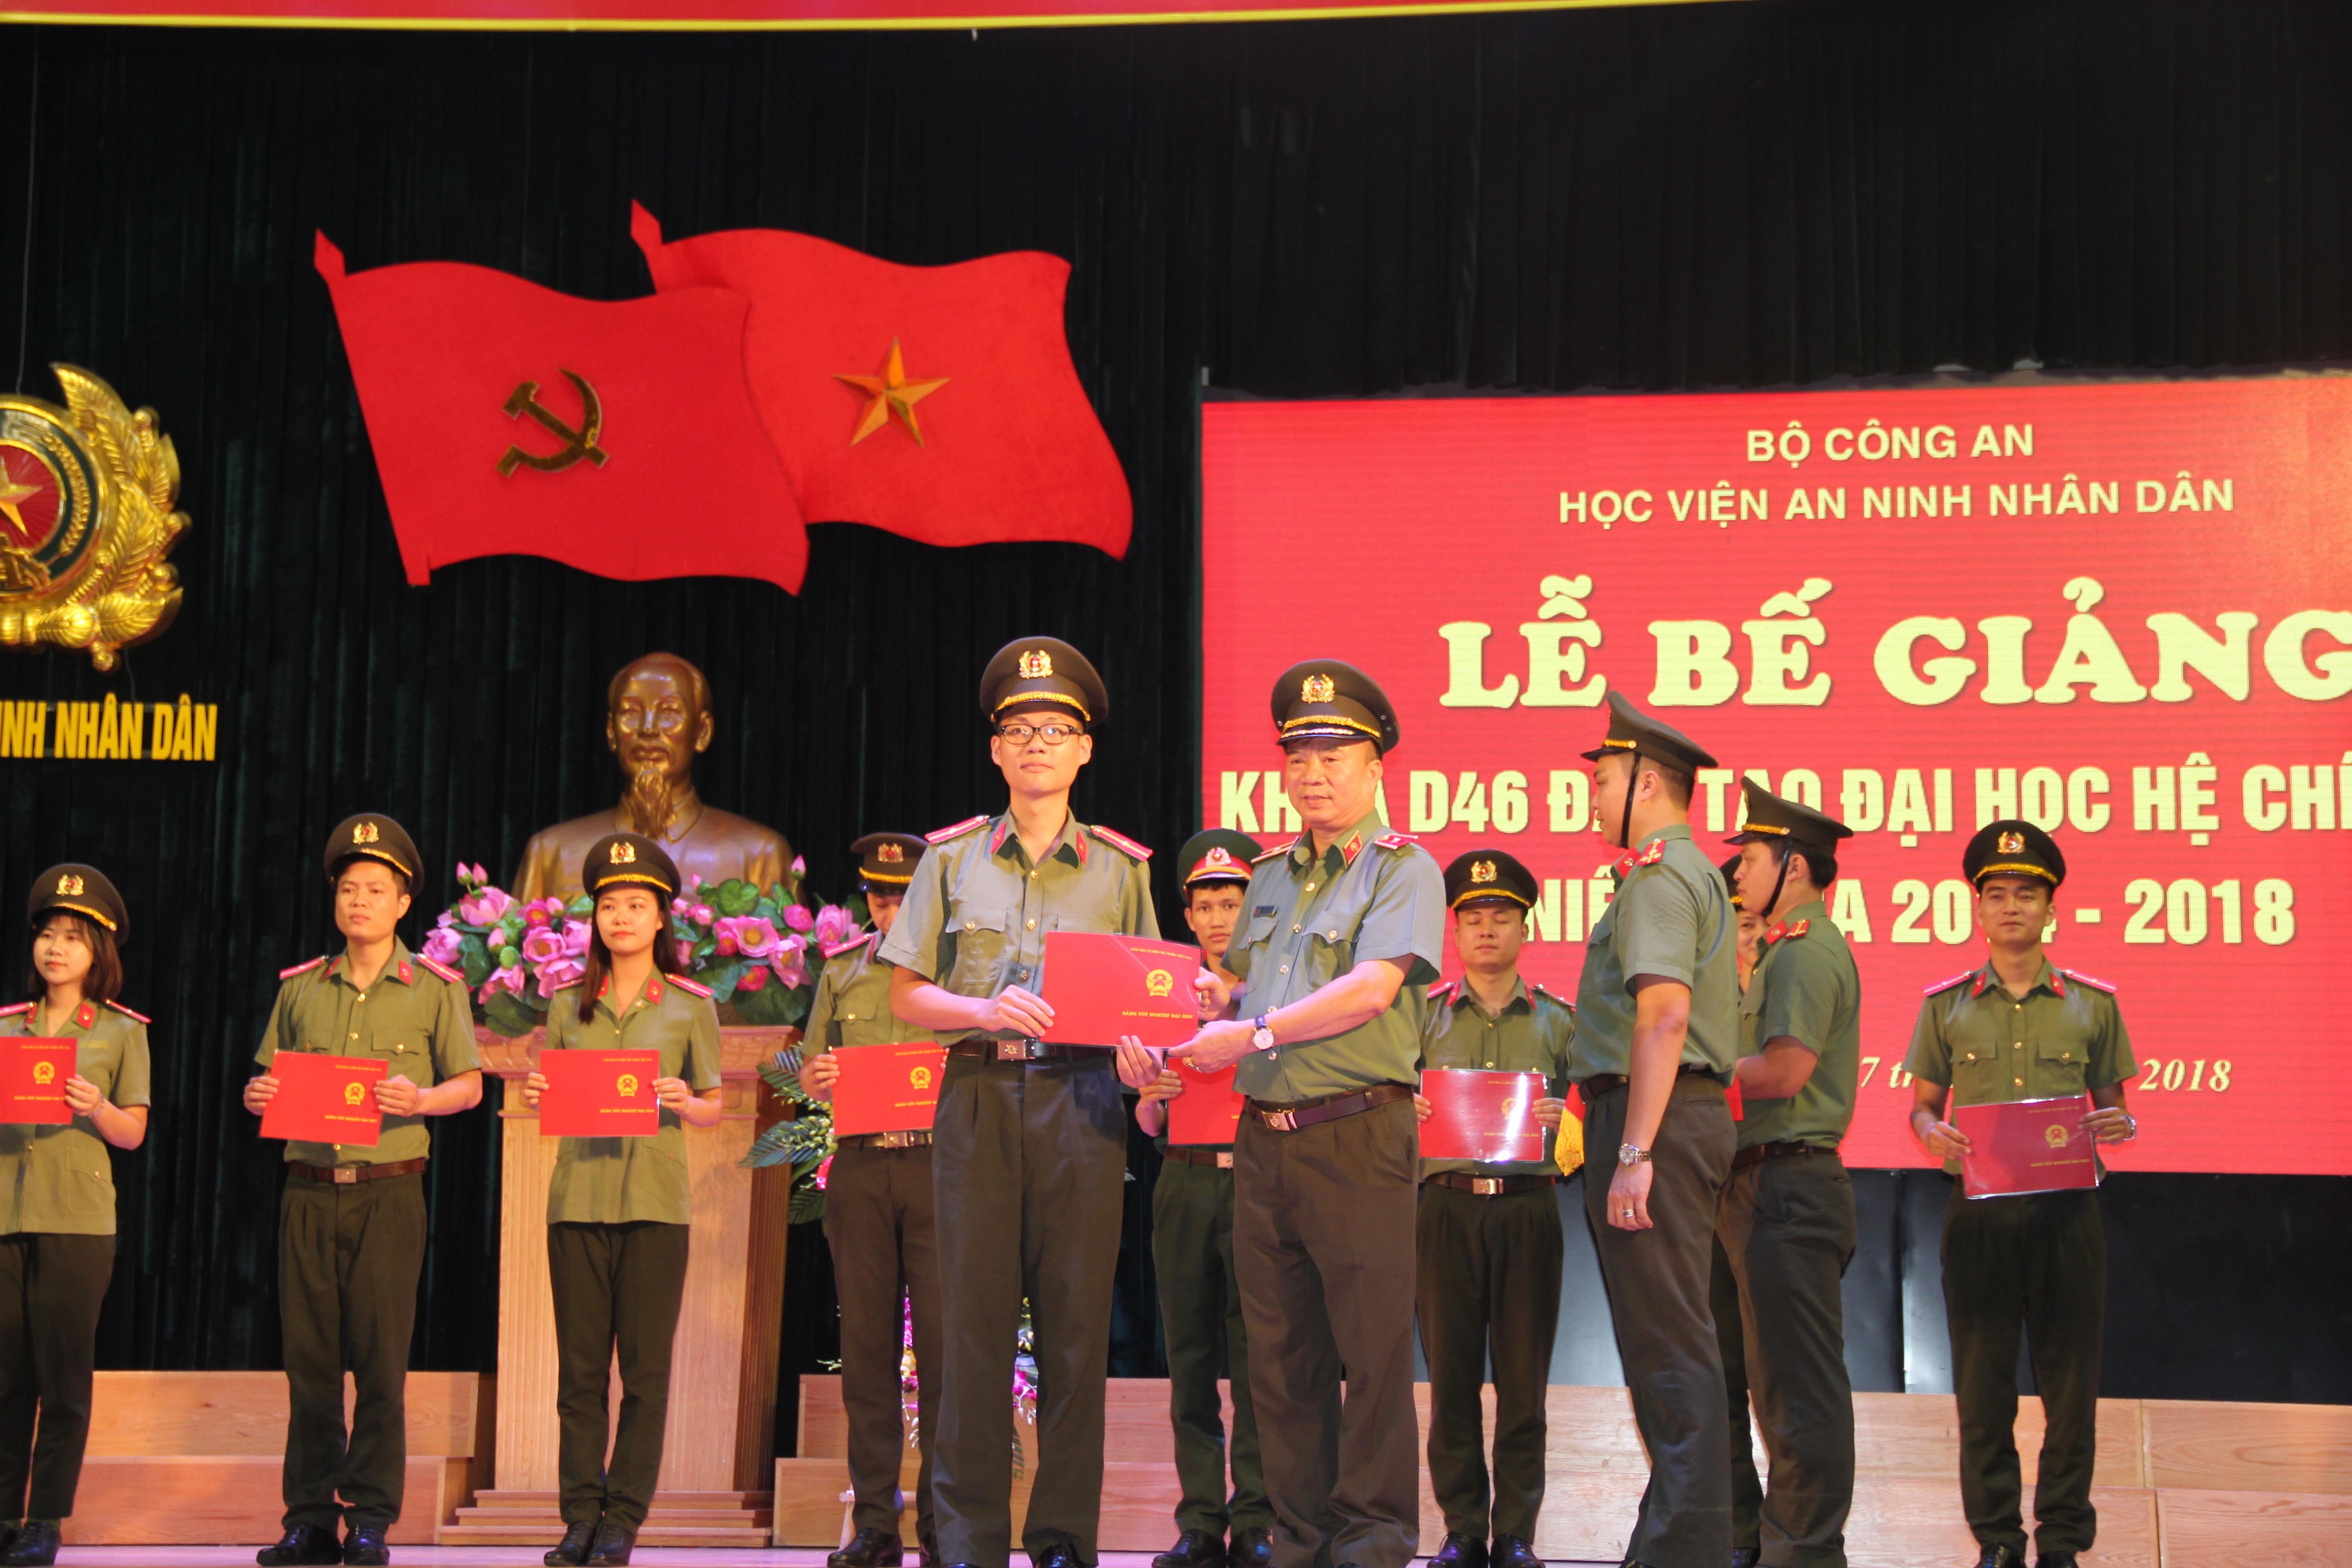 Học viện ANND trao bằng tốt nghiệp cho hơn 800 tân sỹ quan an ninh